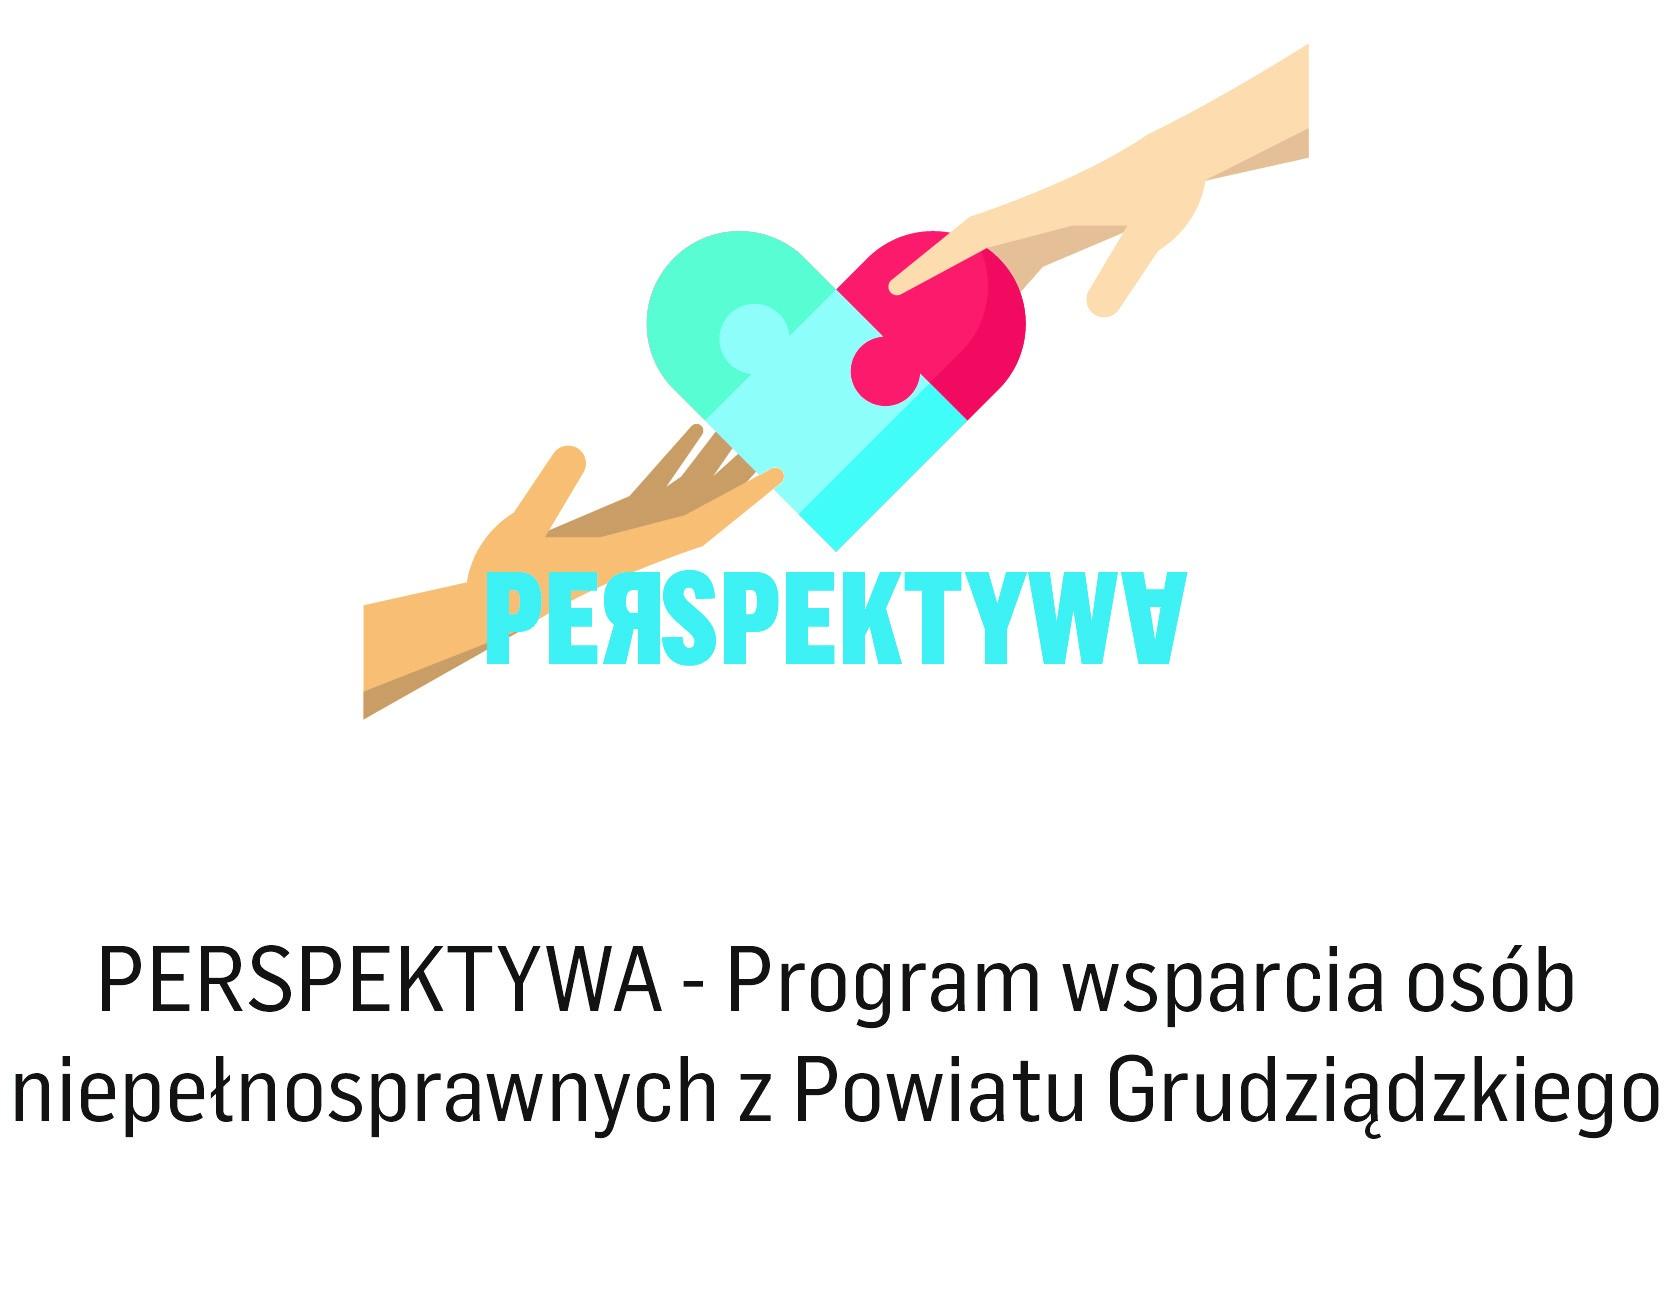 PERSPEKTYWA – Program wsparcia osób niepełnosprawnych z terenu powiatu grudziądzkiego - ilustracja